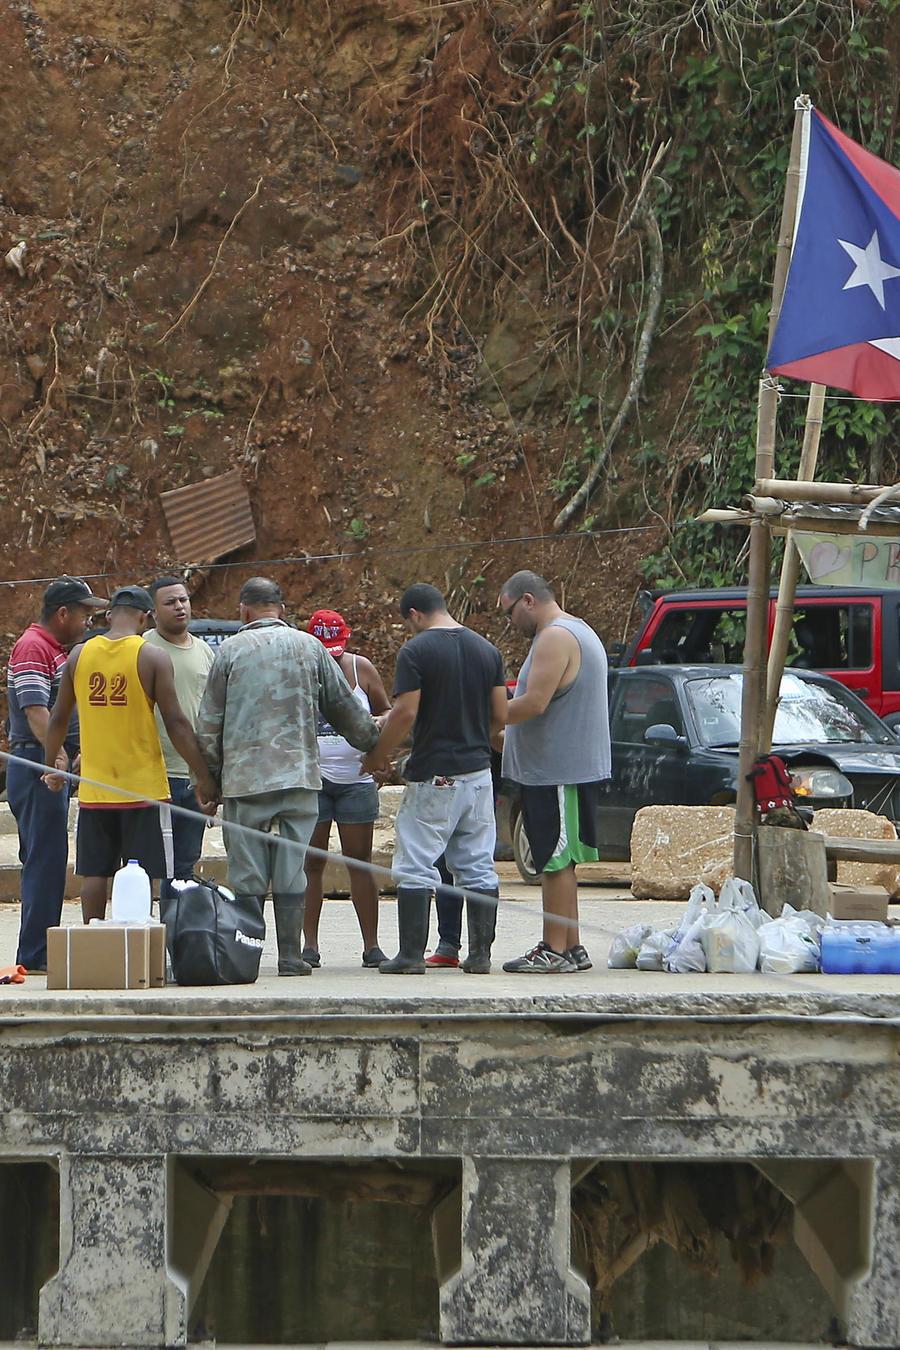 Unas personas rezan en la localidad de Río Abajo, Puerto Rico, mientras siguen los trabajos de recuperación en la isla tras el paso del huracán María.